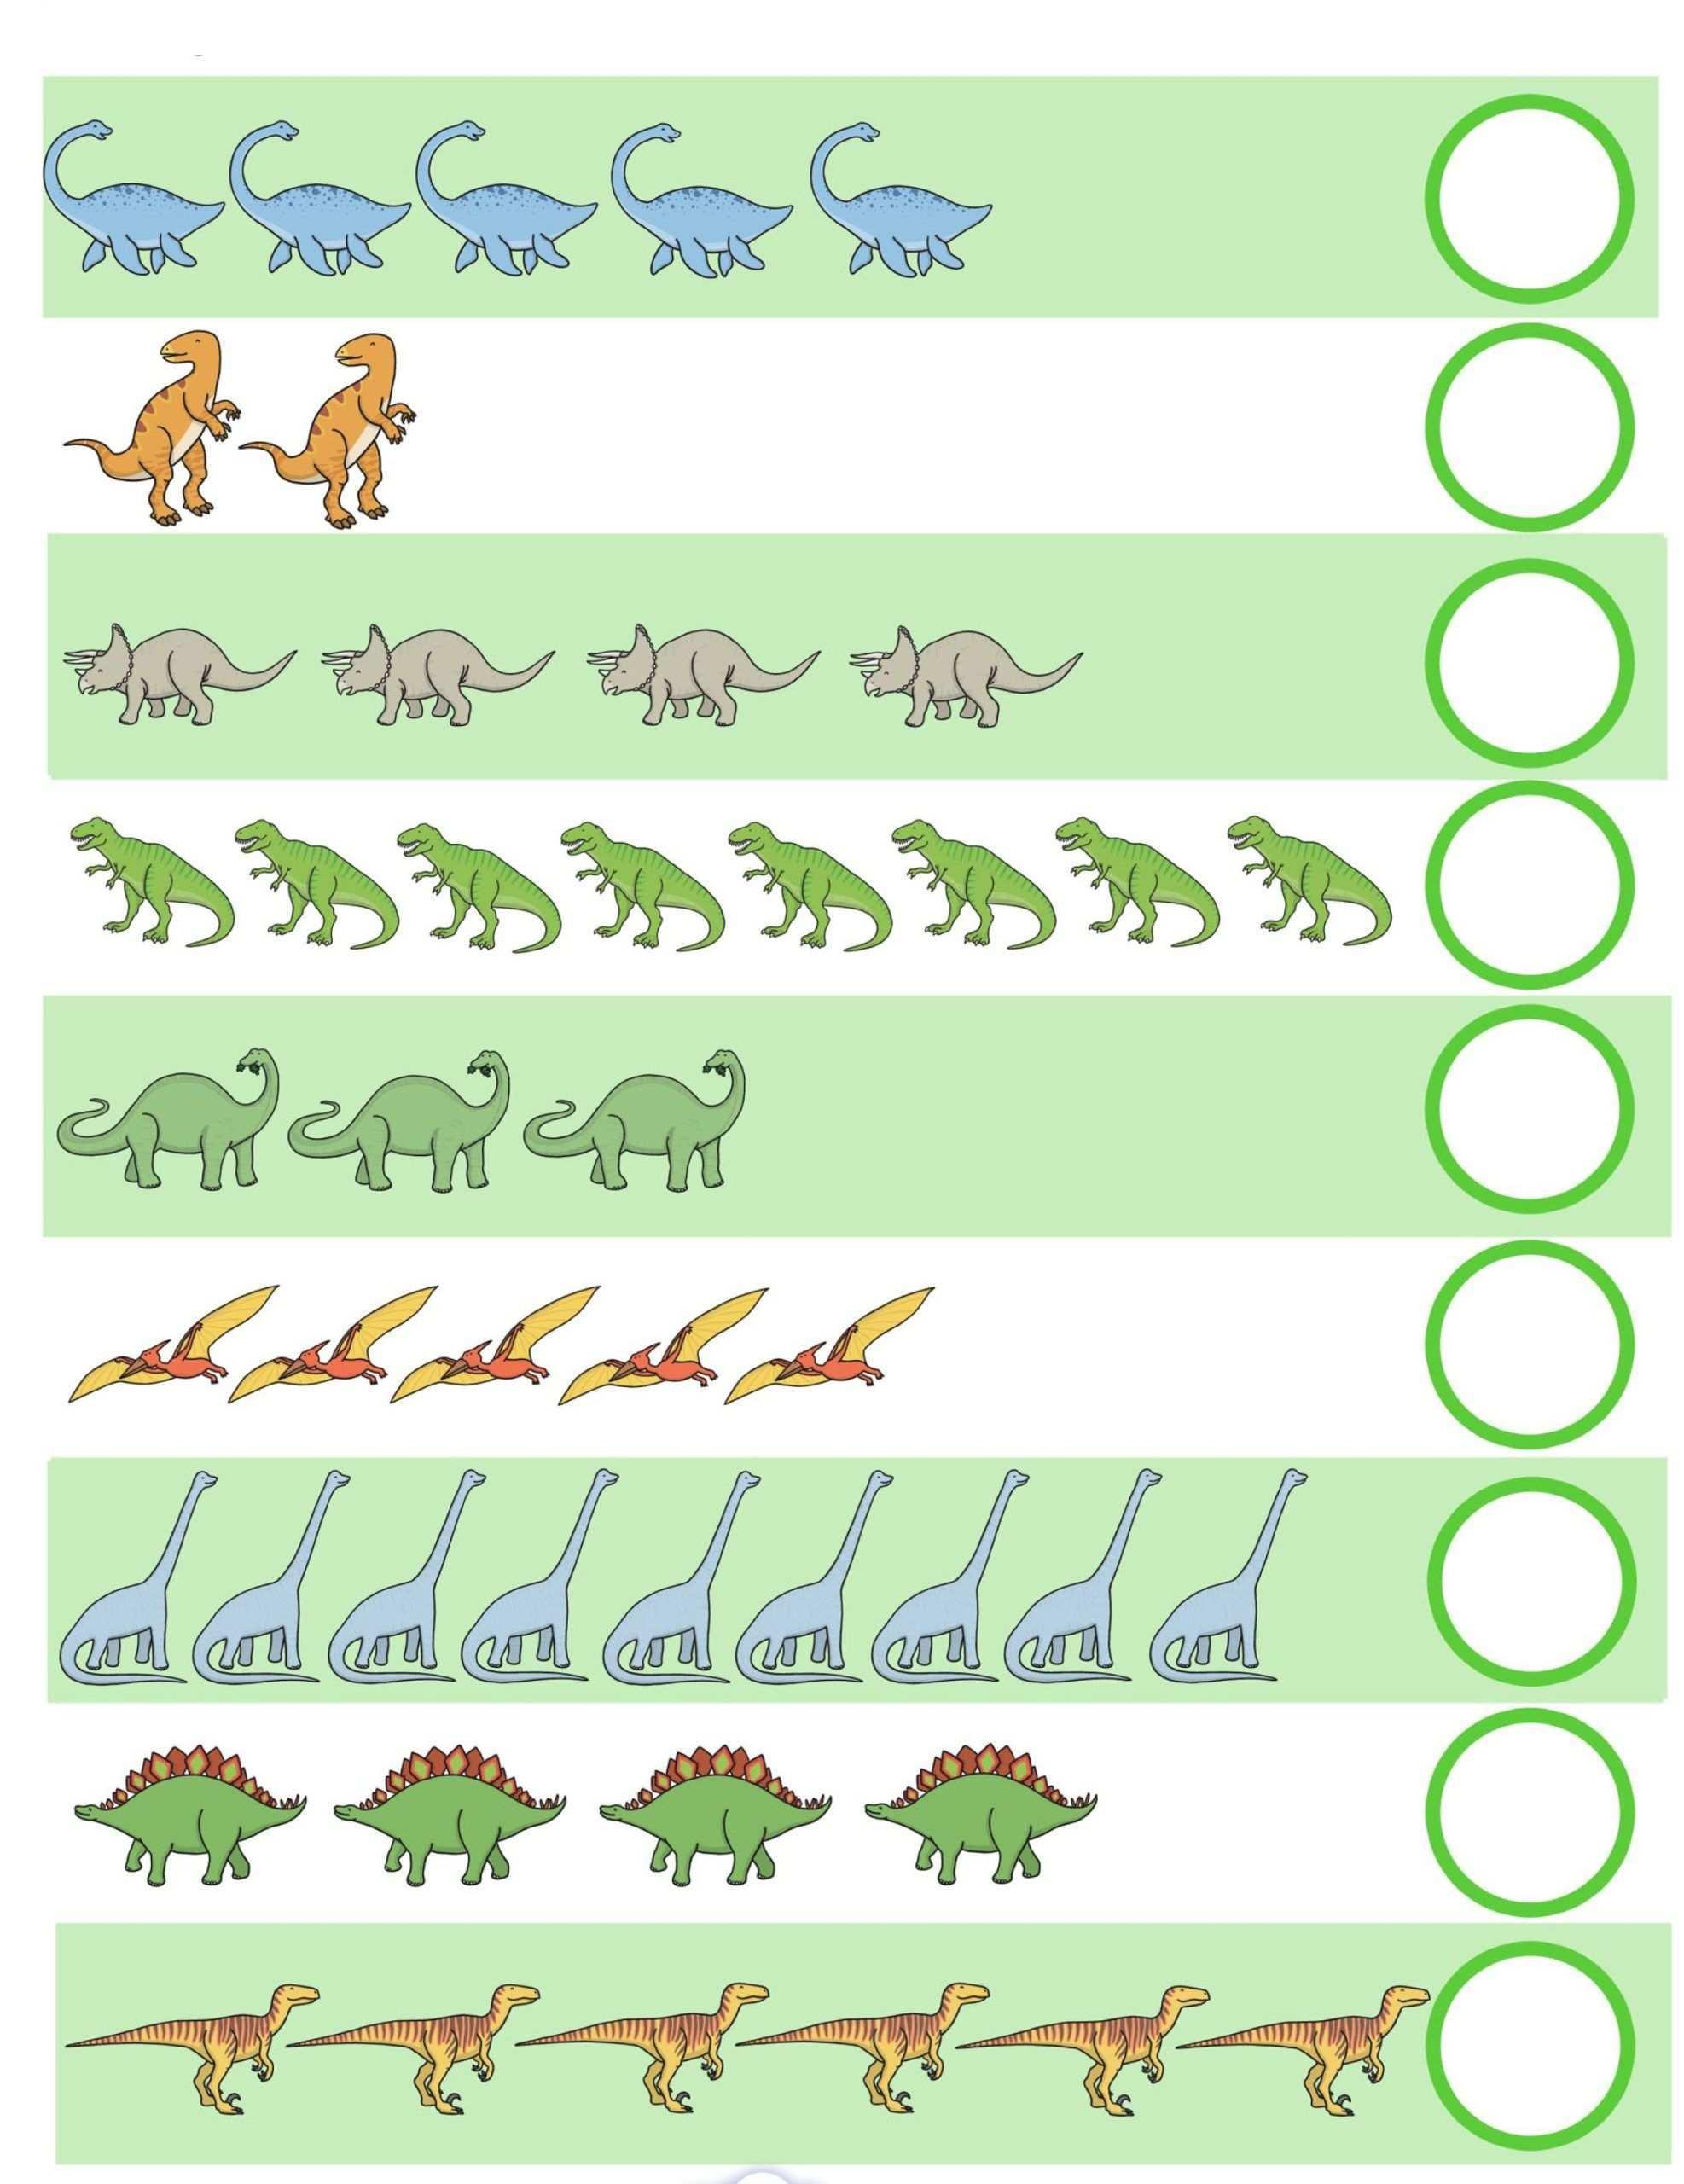 Arbeitsblatter Dinosaurier Dino Ausgeschnitten Kleber Farbe Feinmotorik In 2020 Dinosaurier Vorschule Dinosaurier Vorschule